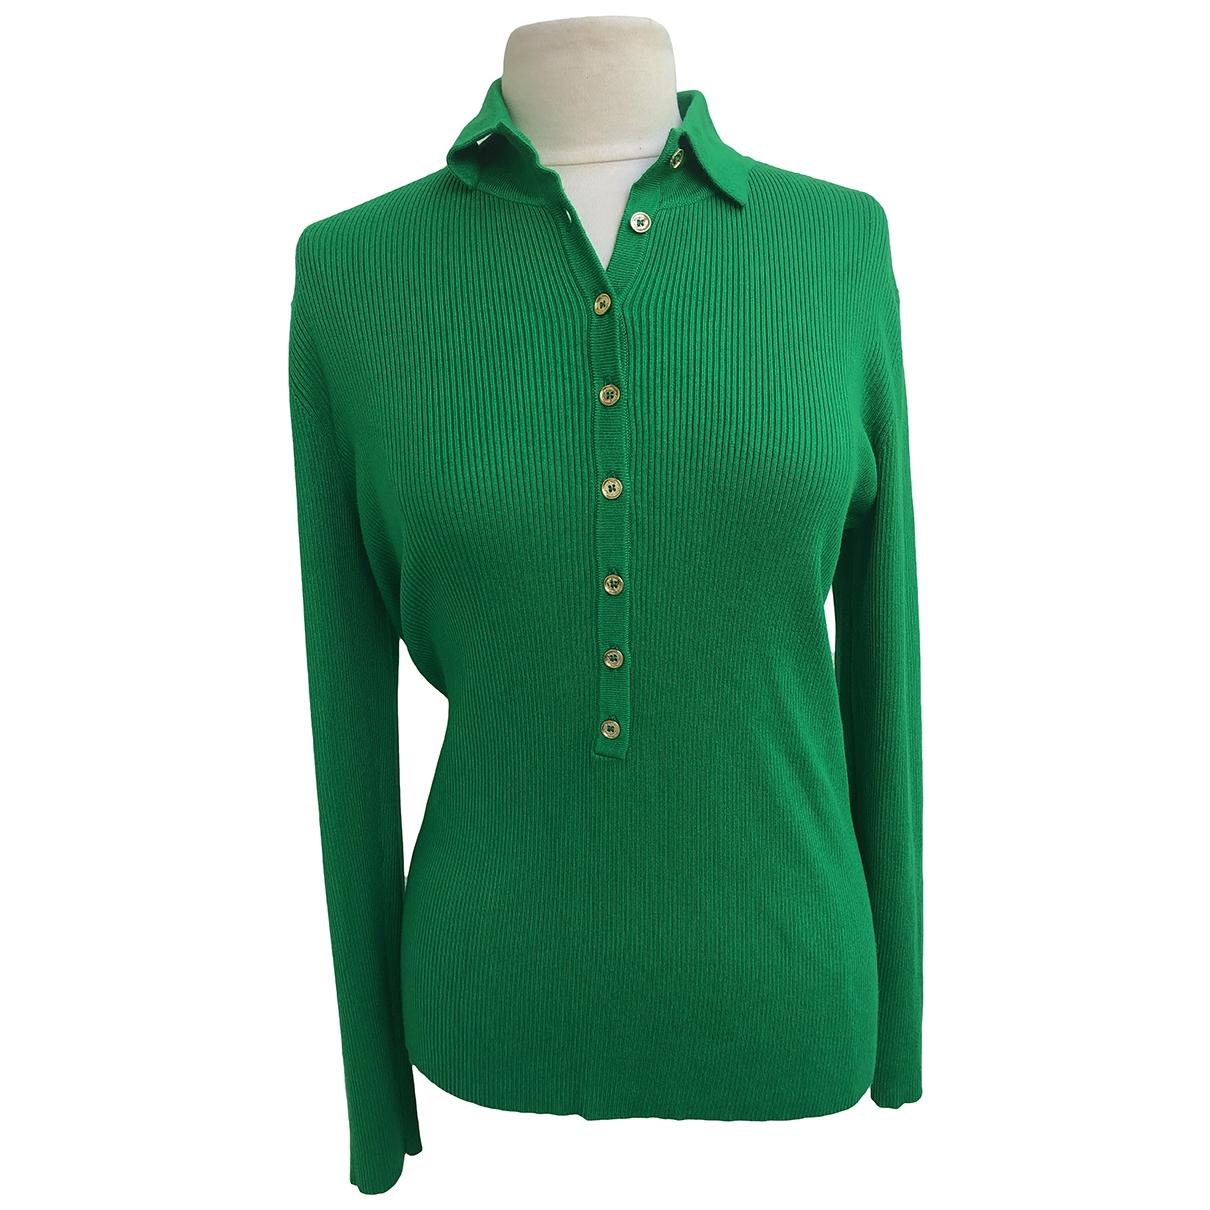 Michael Kors - Pull   pour femme - vert